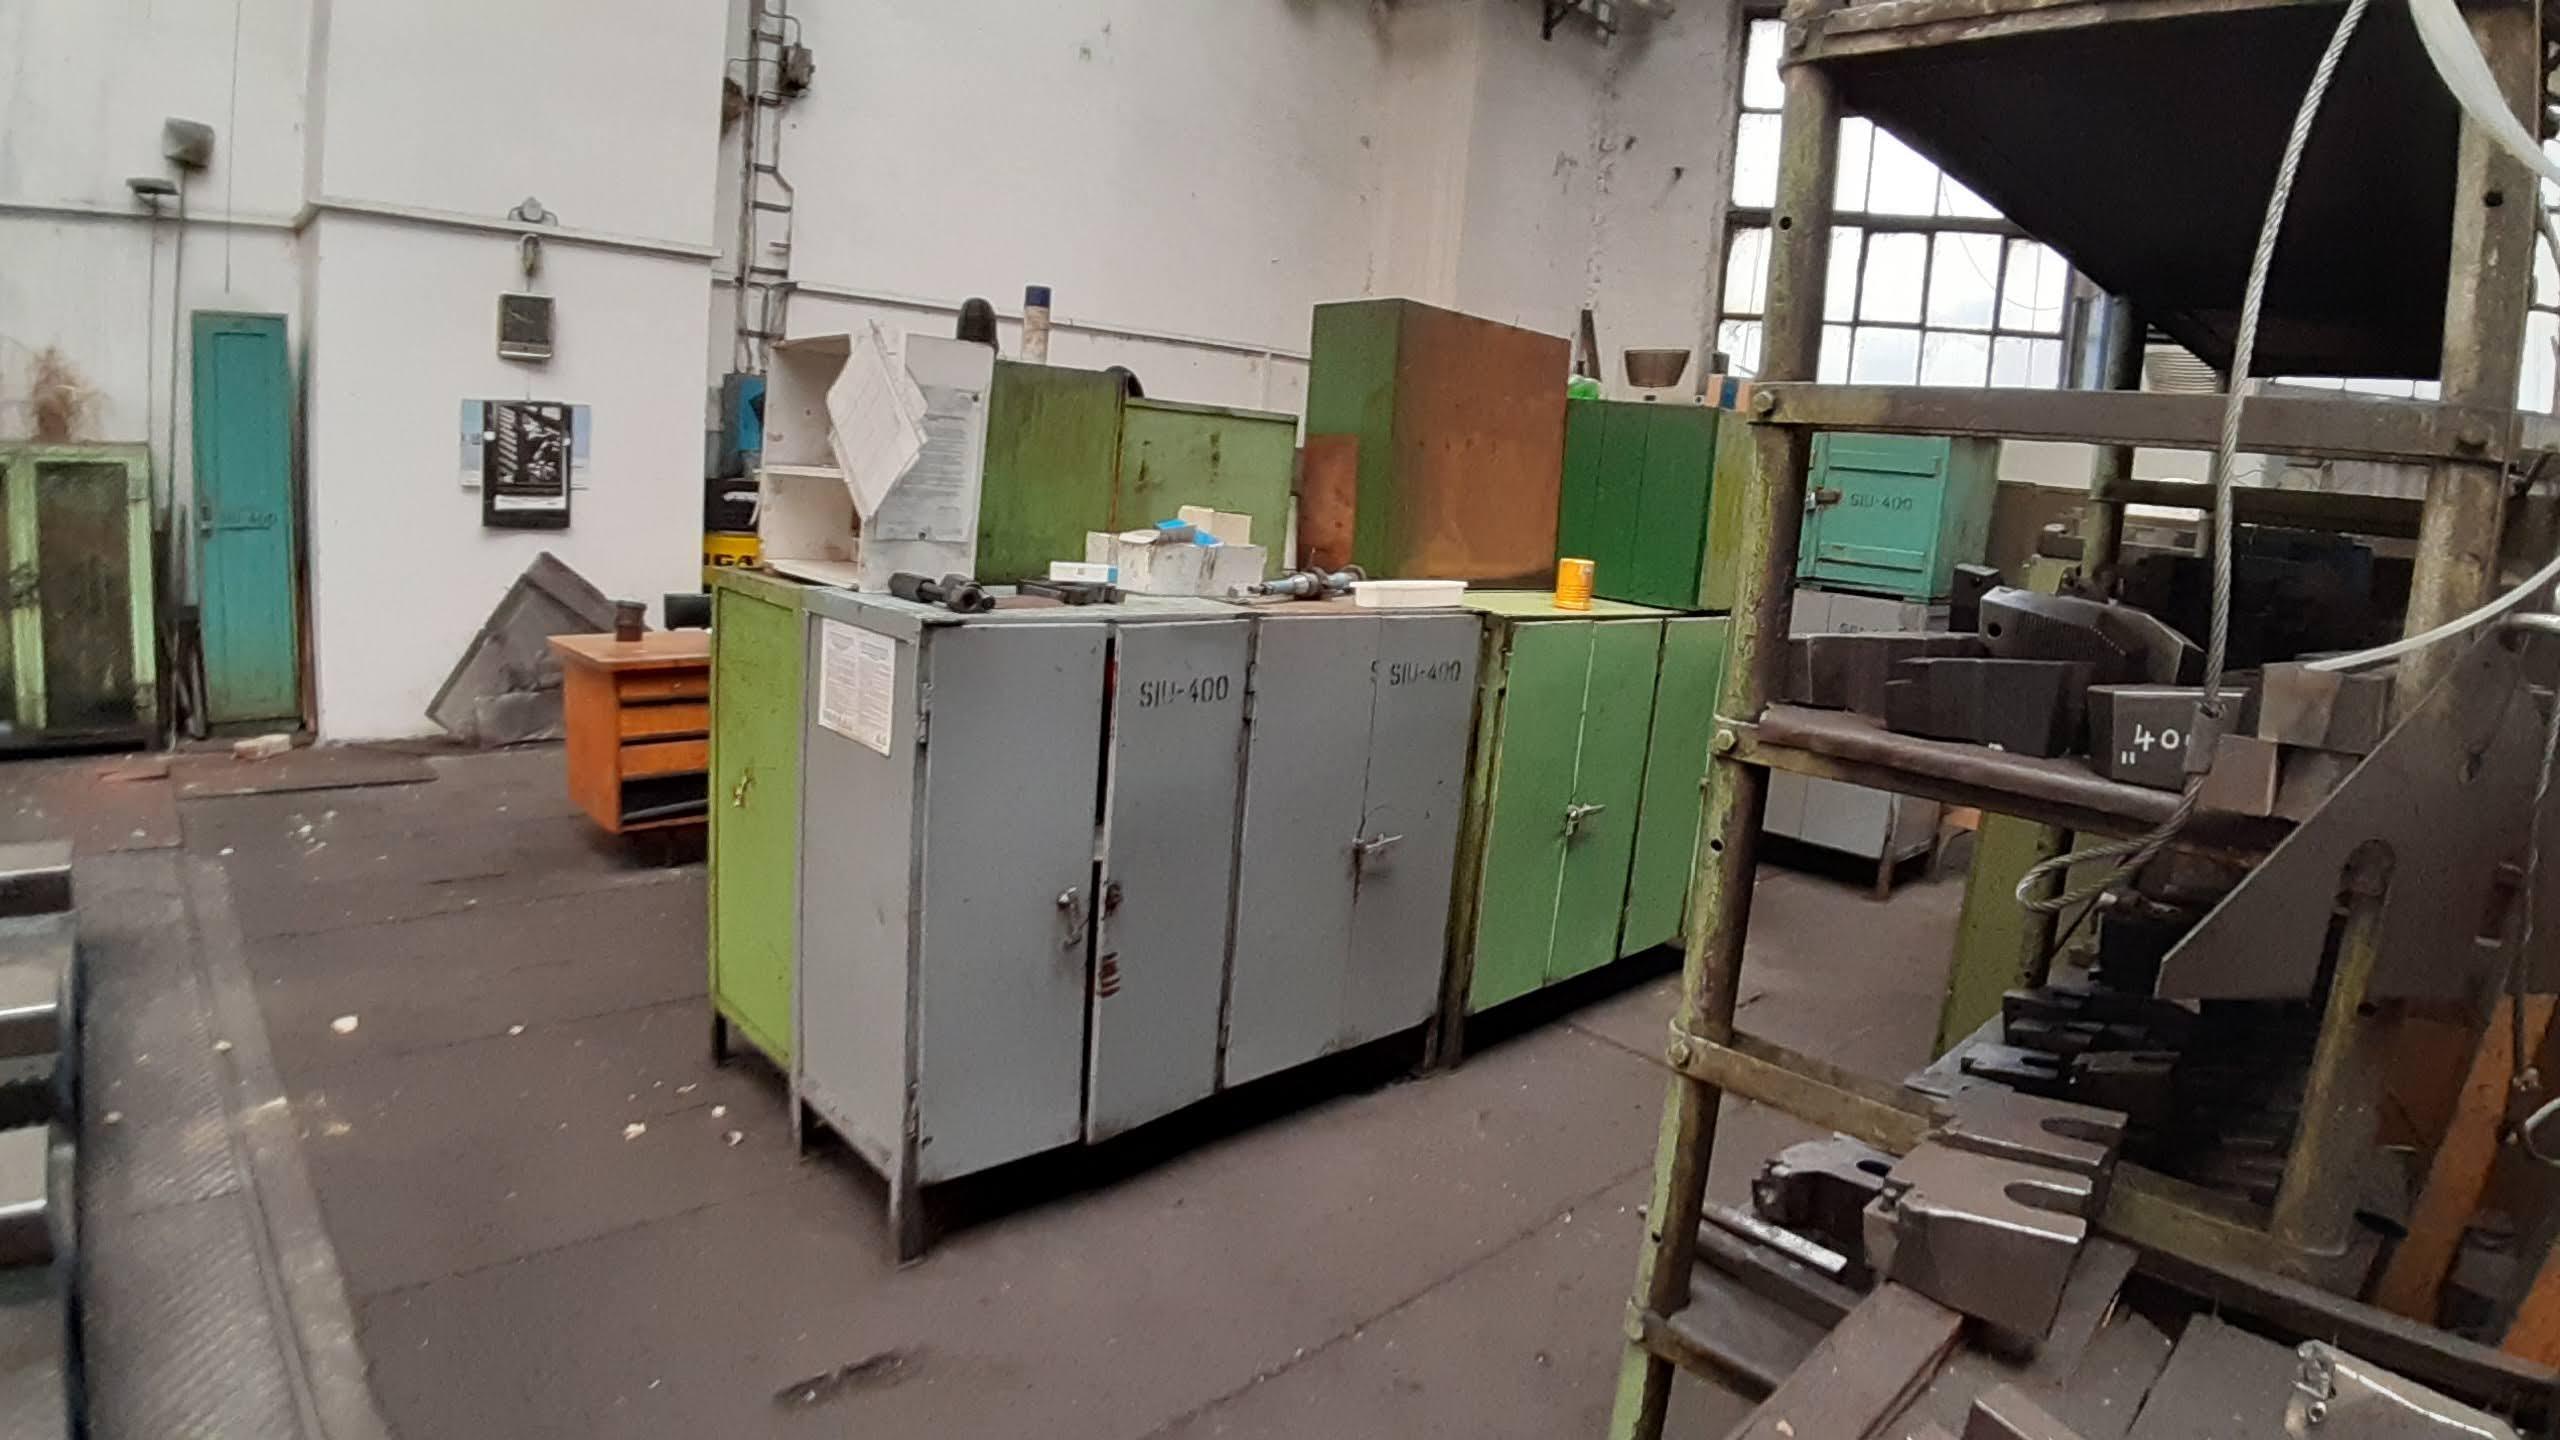 5301.14-SIU400-15000 CNC.09